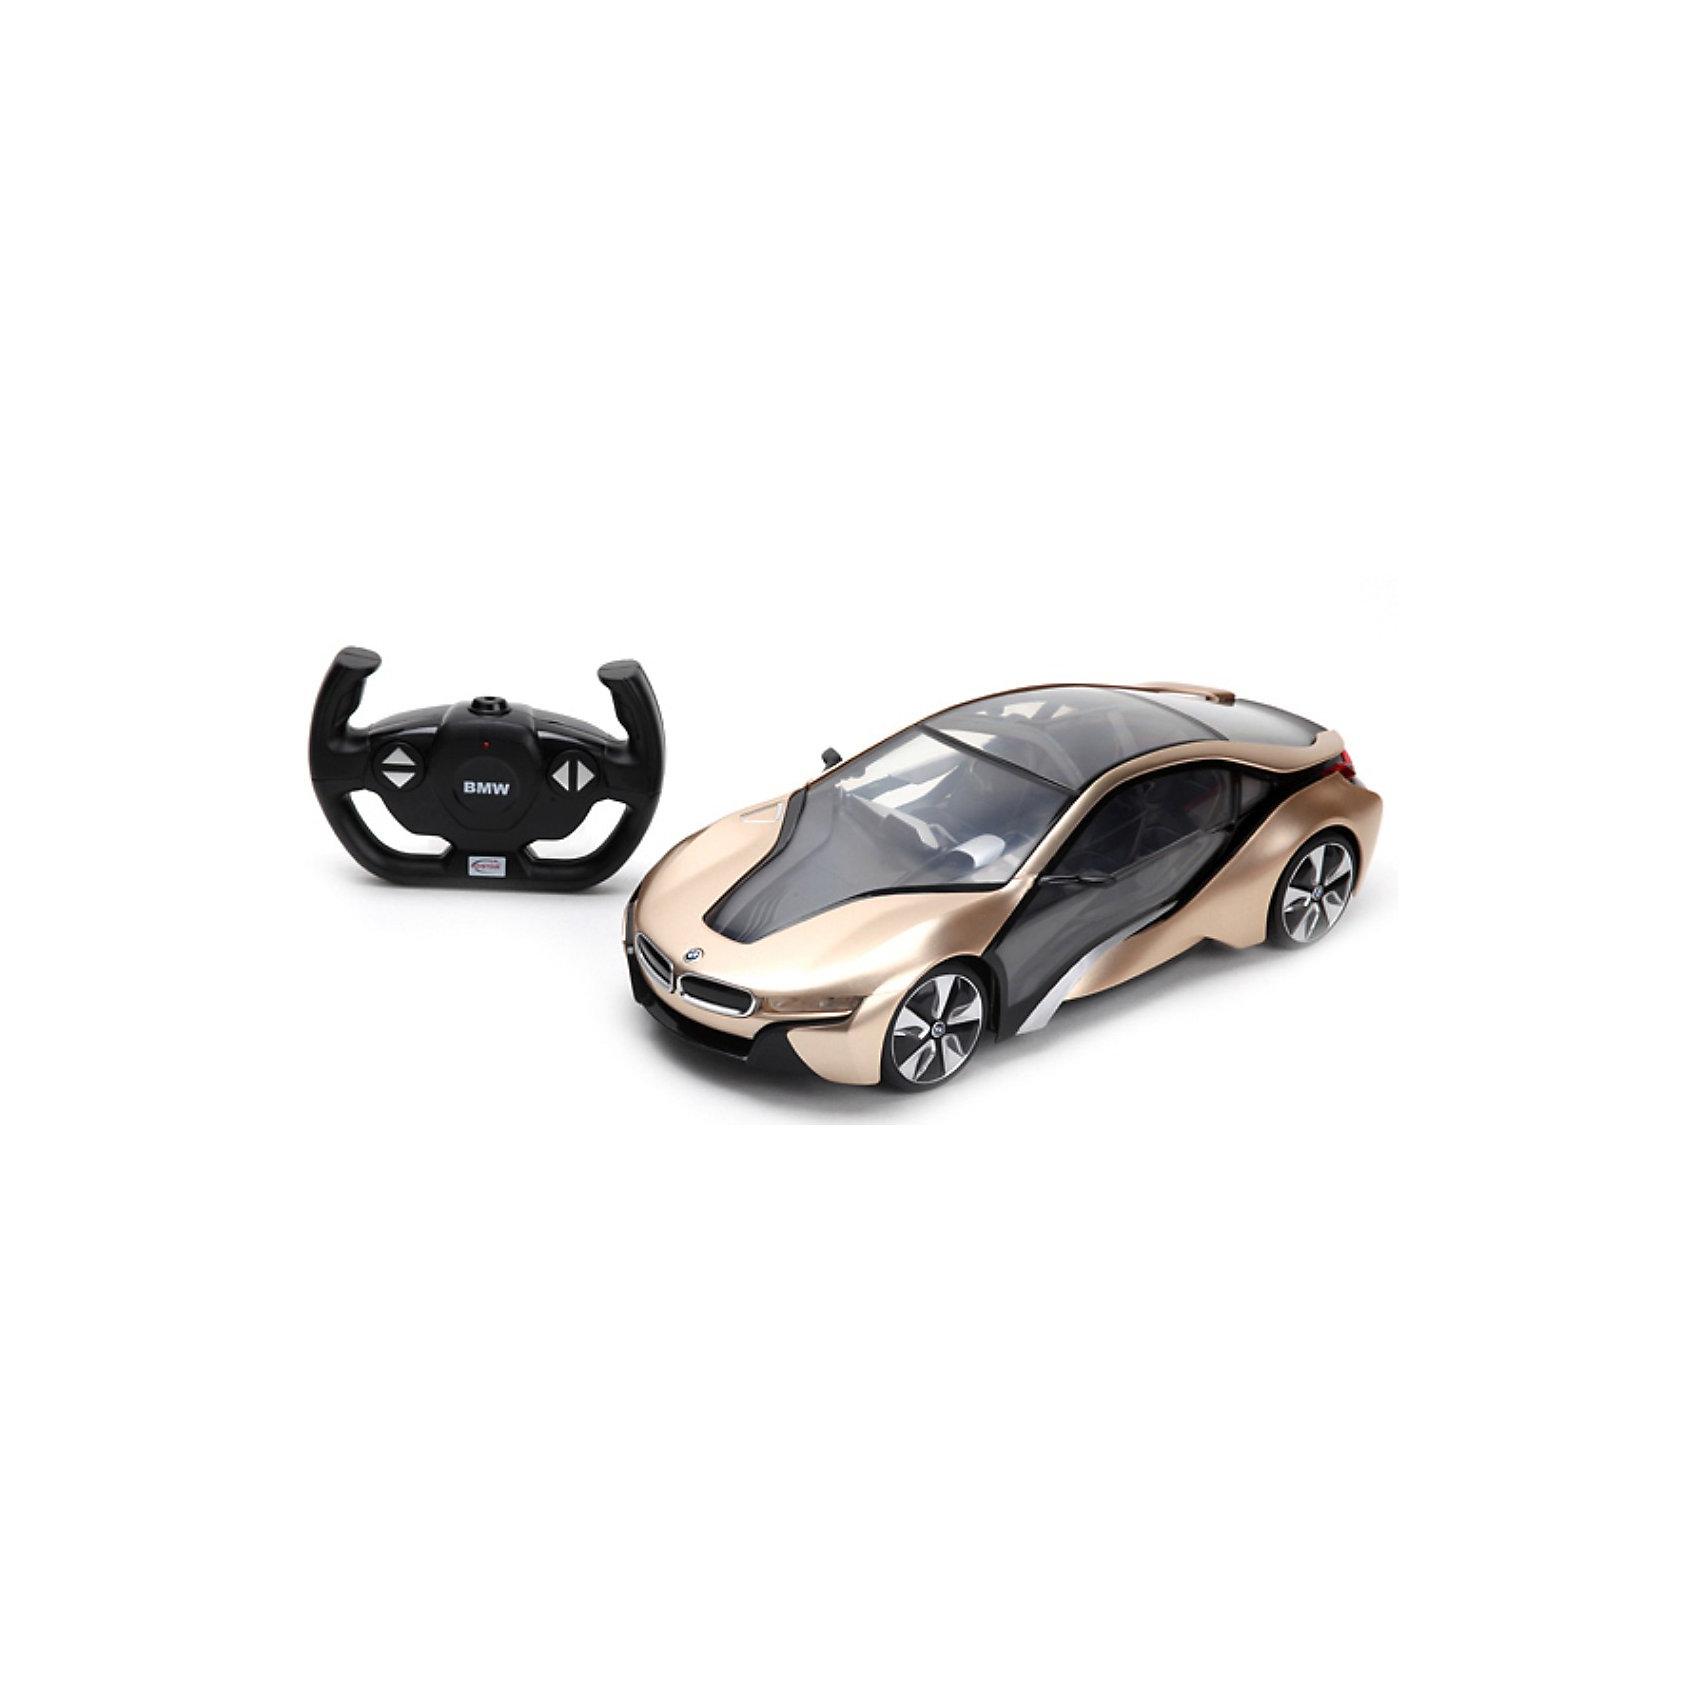 Машина  i8 1:14, на р/у, RASTARМашина  i8 1:14, на р/у, RASTAR (Растар) – это точная копия  инновационного концепт-кара компании BMW.<br>Прекрасная радиоуправляемая модель суперкара BMW i8 обязательно понравится вашему мальчику! Такой  автомобиль обязательно должен быть в гараже вашего ребенка! Качество и детальная проработка, без всяких сомнений, приятно поразит Вас и ваше чадо! Ее отличная маневренность позволяет без трудностей передвигаться вперед и назад, поворачивать вправо и влево. Машина оснащена световыми эффектами, что сделает игру еще интереснее. Порадуйте своего мальчика таким восхитительным подарком!<br><br>Дополнительная информация:<br><br>- Модель: BMW i8<br>- Масштаб: 1:14<br>- Батарейки: 5 шт. типа AA (для машины), 1 шт. типа 9V (для пульта) - (в комплект не входят)<br>- Материал: металл, пластмасса<br>- Размер упаковки: 55 x 48 x 45 см.<br>- Вес: 1400 гр.<br><br>Машину  i8 1:14, на р/у, RASTAR (Растар) можно купить в нашем интернет-магазине.<br><br>Ширина мм: 480<br>Глубина мм: 550<br>Высота мм: 450<br>Вес г: 1400<br>Возраст от месяцев: 36<br>Возраст до месяцев: 144<br>Пол: Мужской<br>Возраст: Детский<br>SKU: 3665523